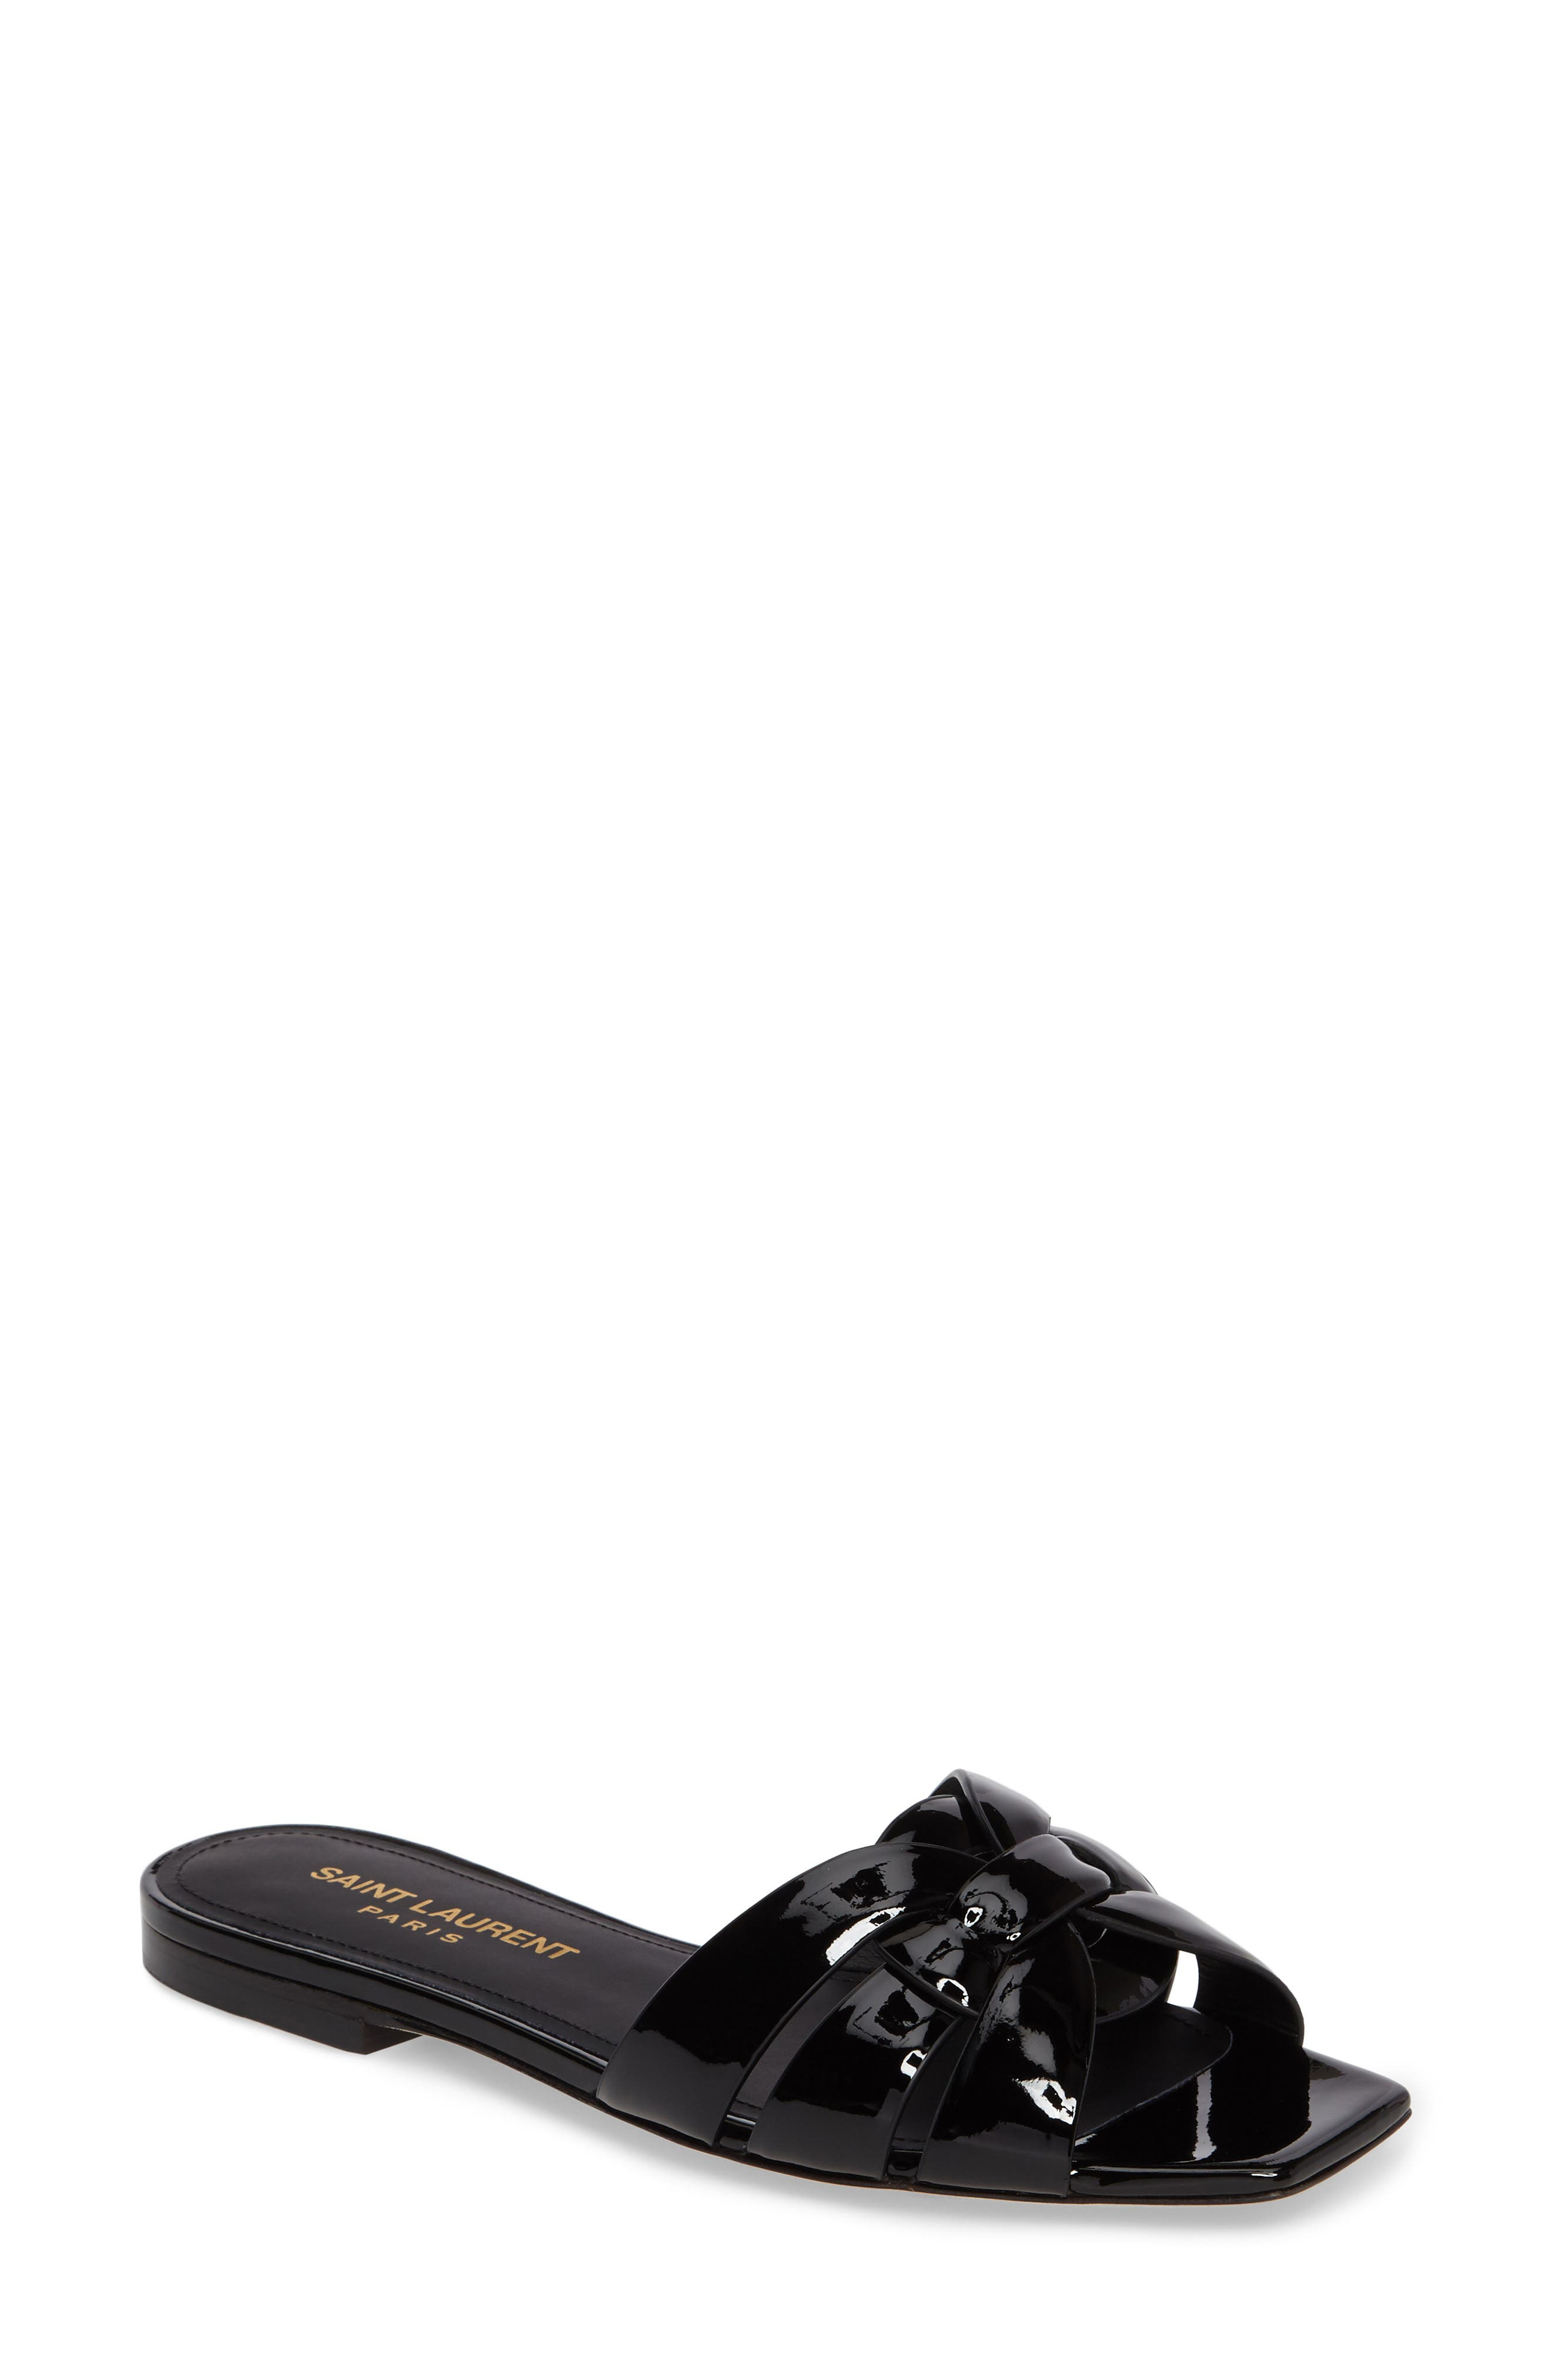 SAINT LAURENT Tribute Slide Sandal, Main, color, BLACK PATENT